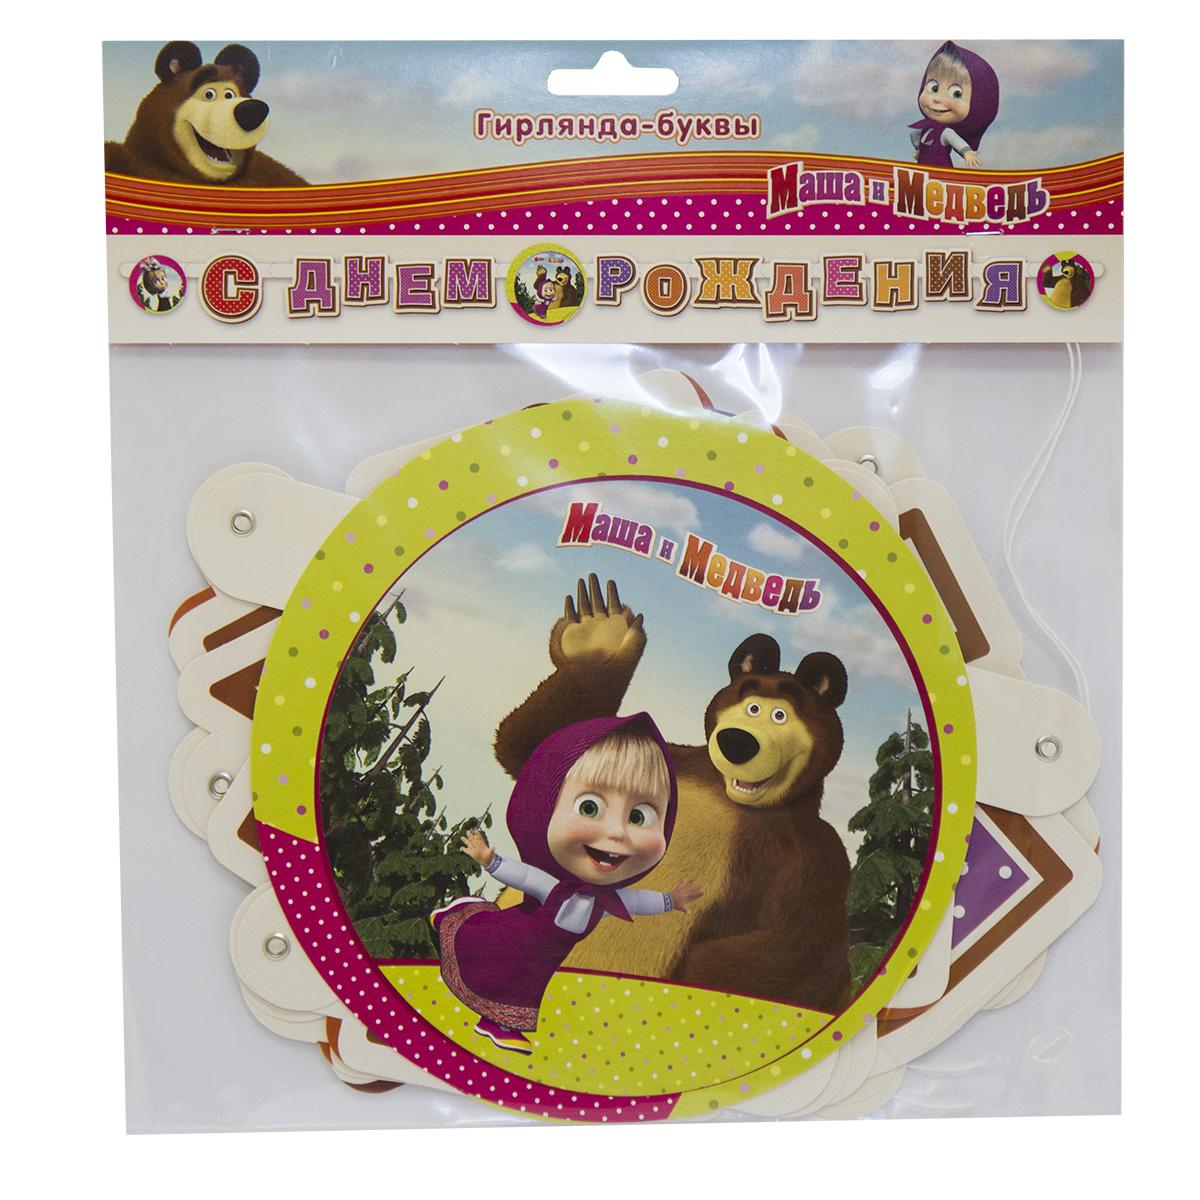 Маша и Медведь Гирлянда-буквы С днем рождения веселый праздник гирлянда буквы с днем рождения barbie